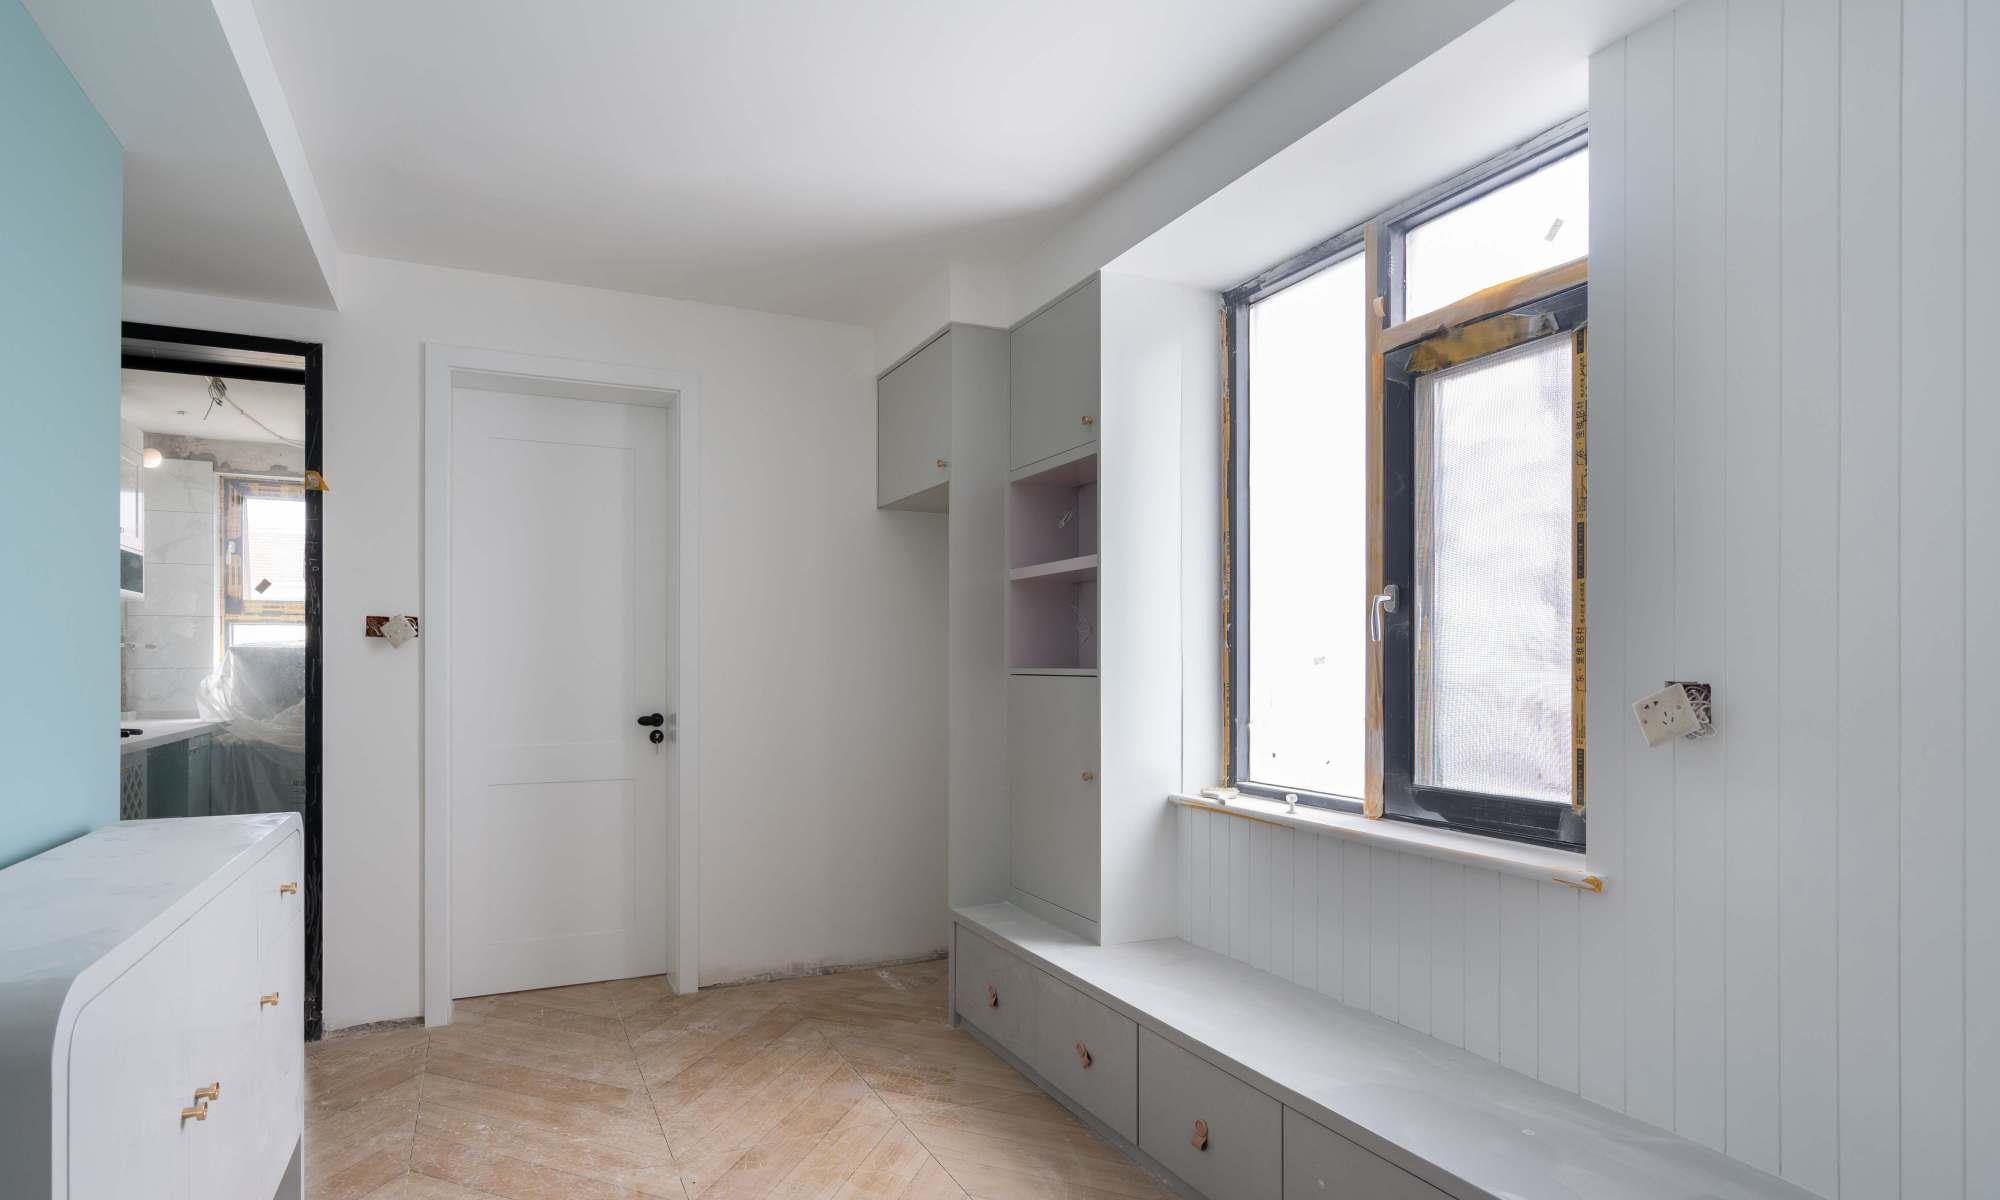 厨房水槽下装镂空网格柜门,反而更好用了!透气防潮外观也漂亮